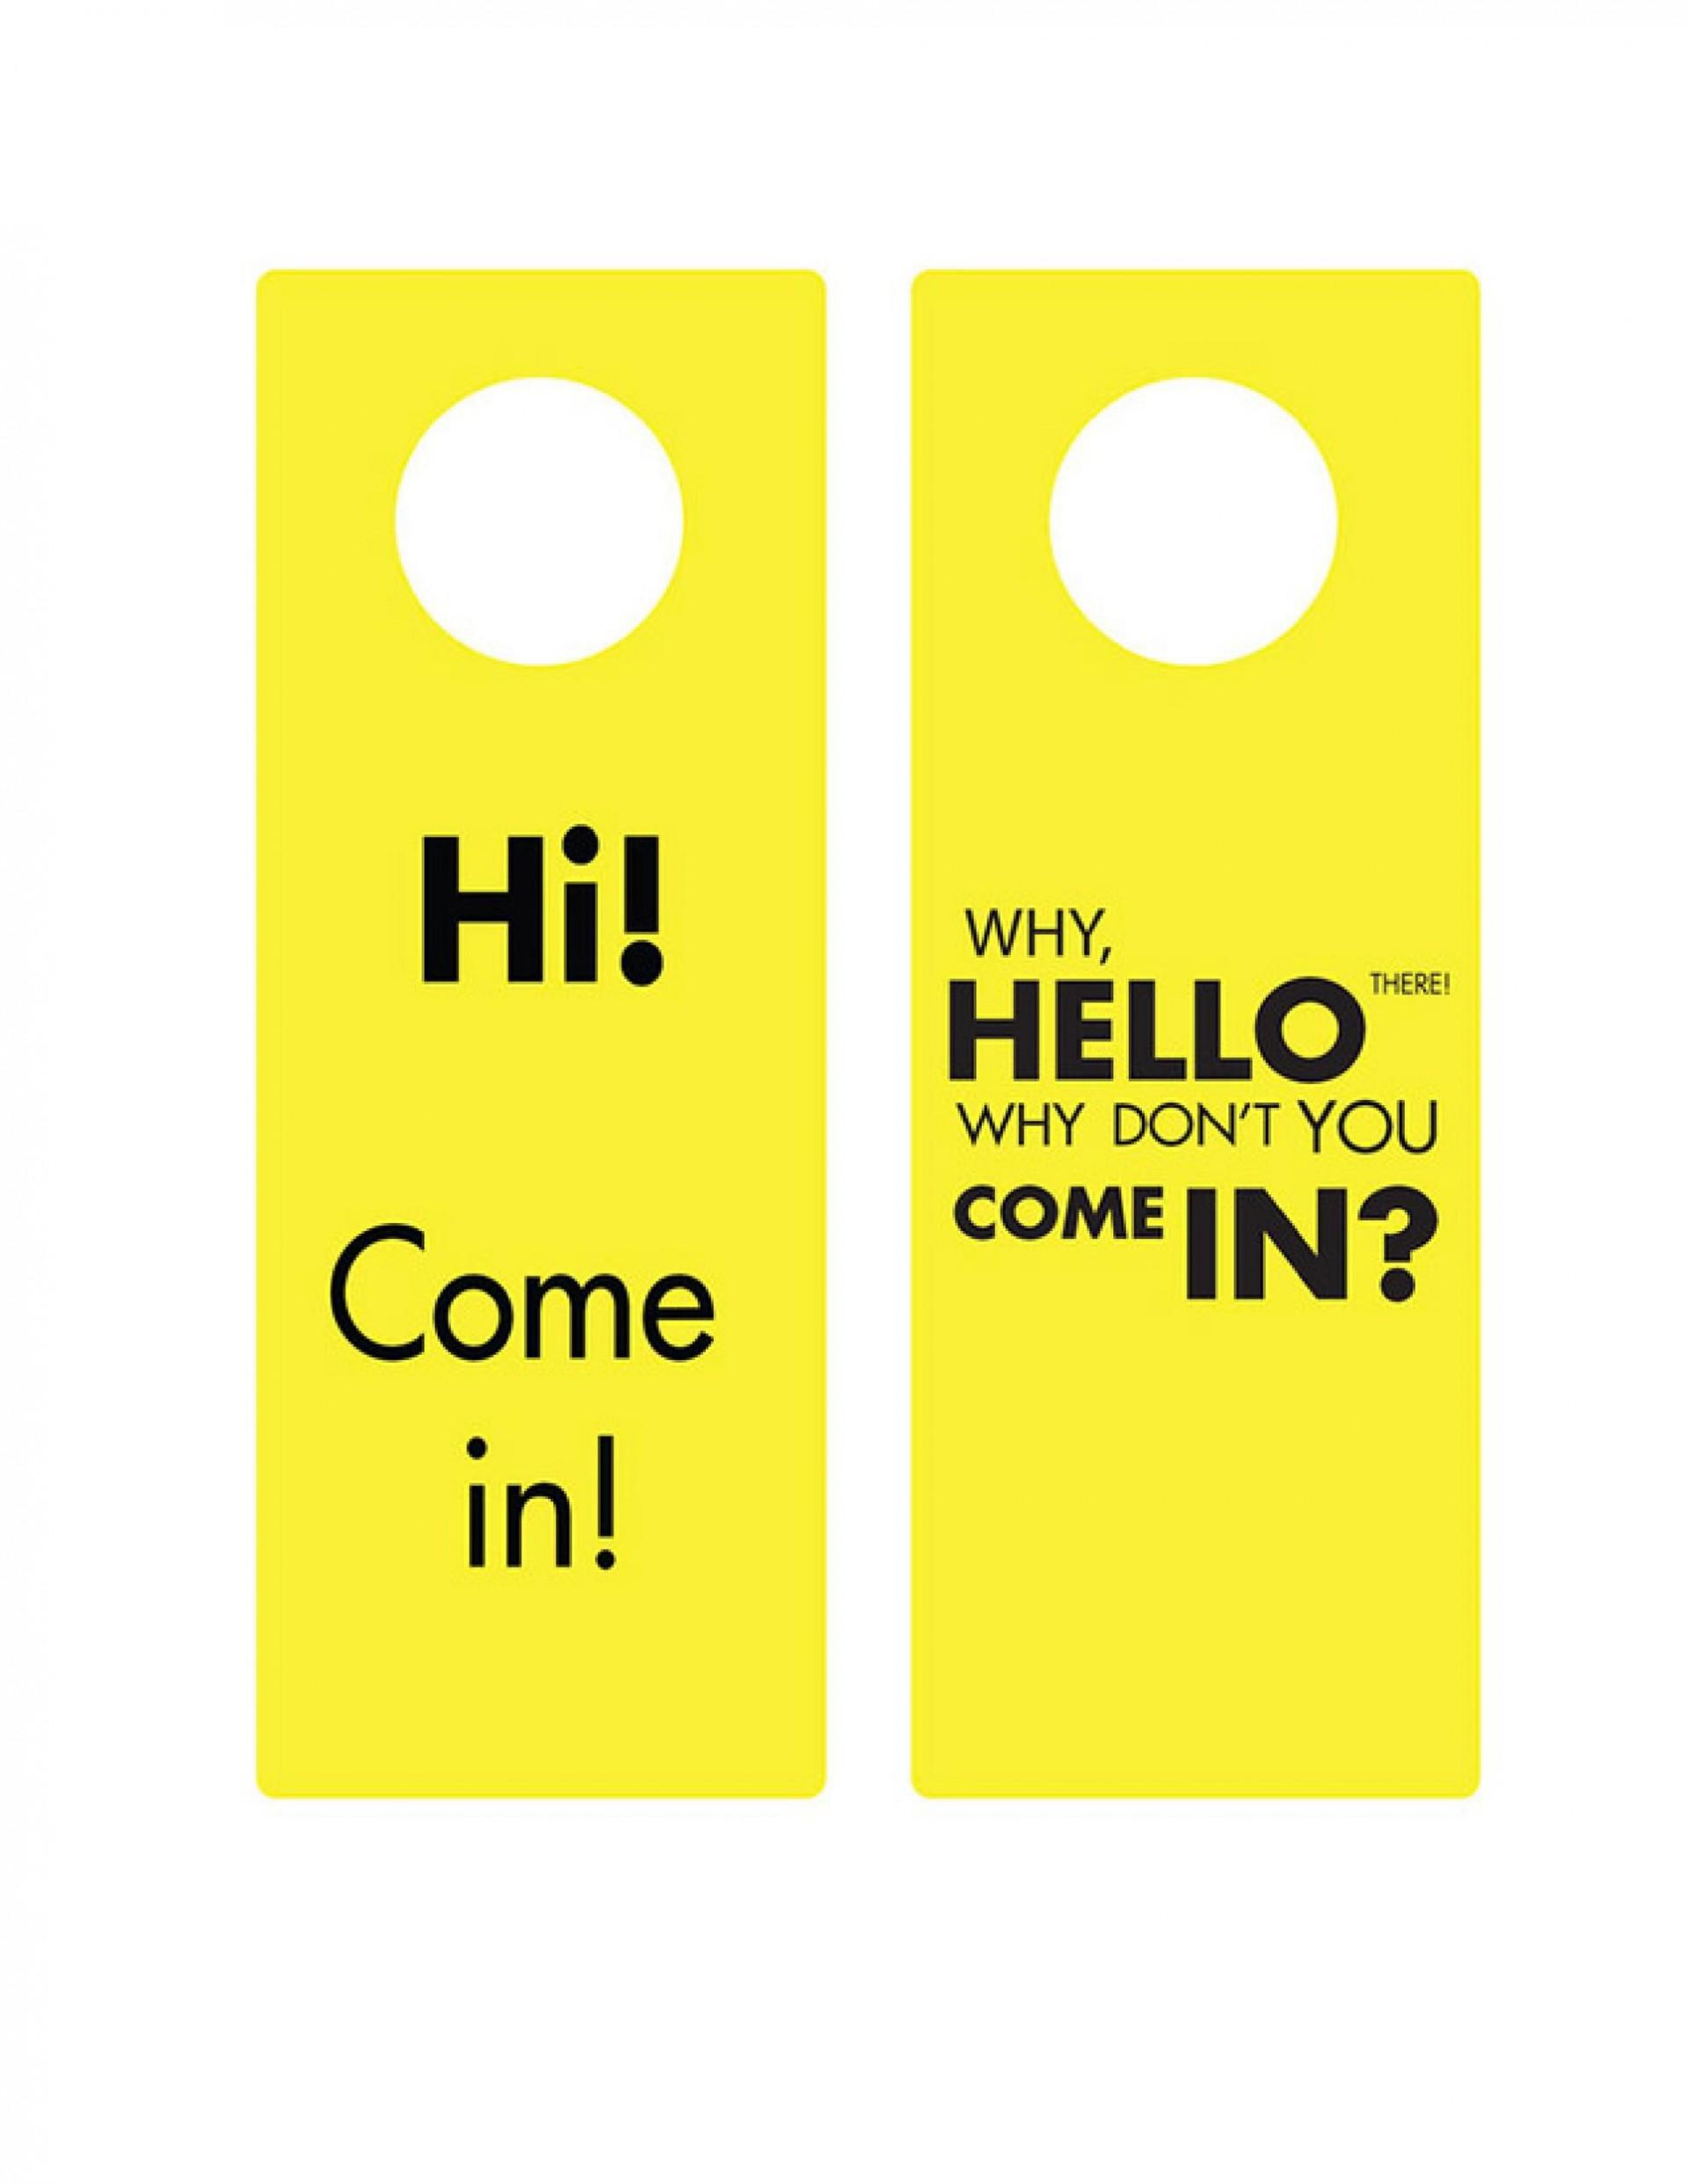 008 Simple Free Template For Door Hanger Word Picture  Wedding1920